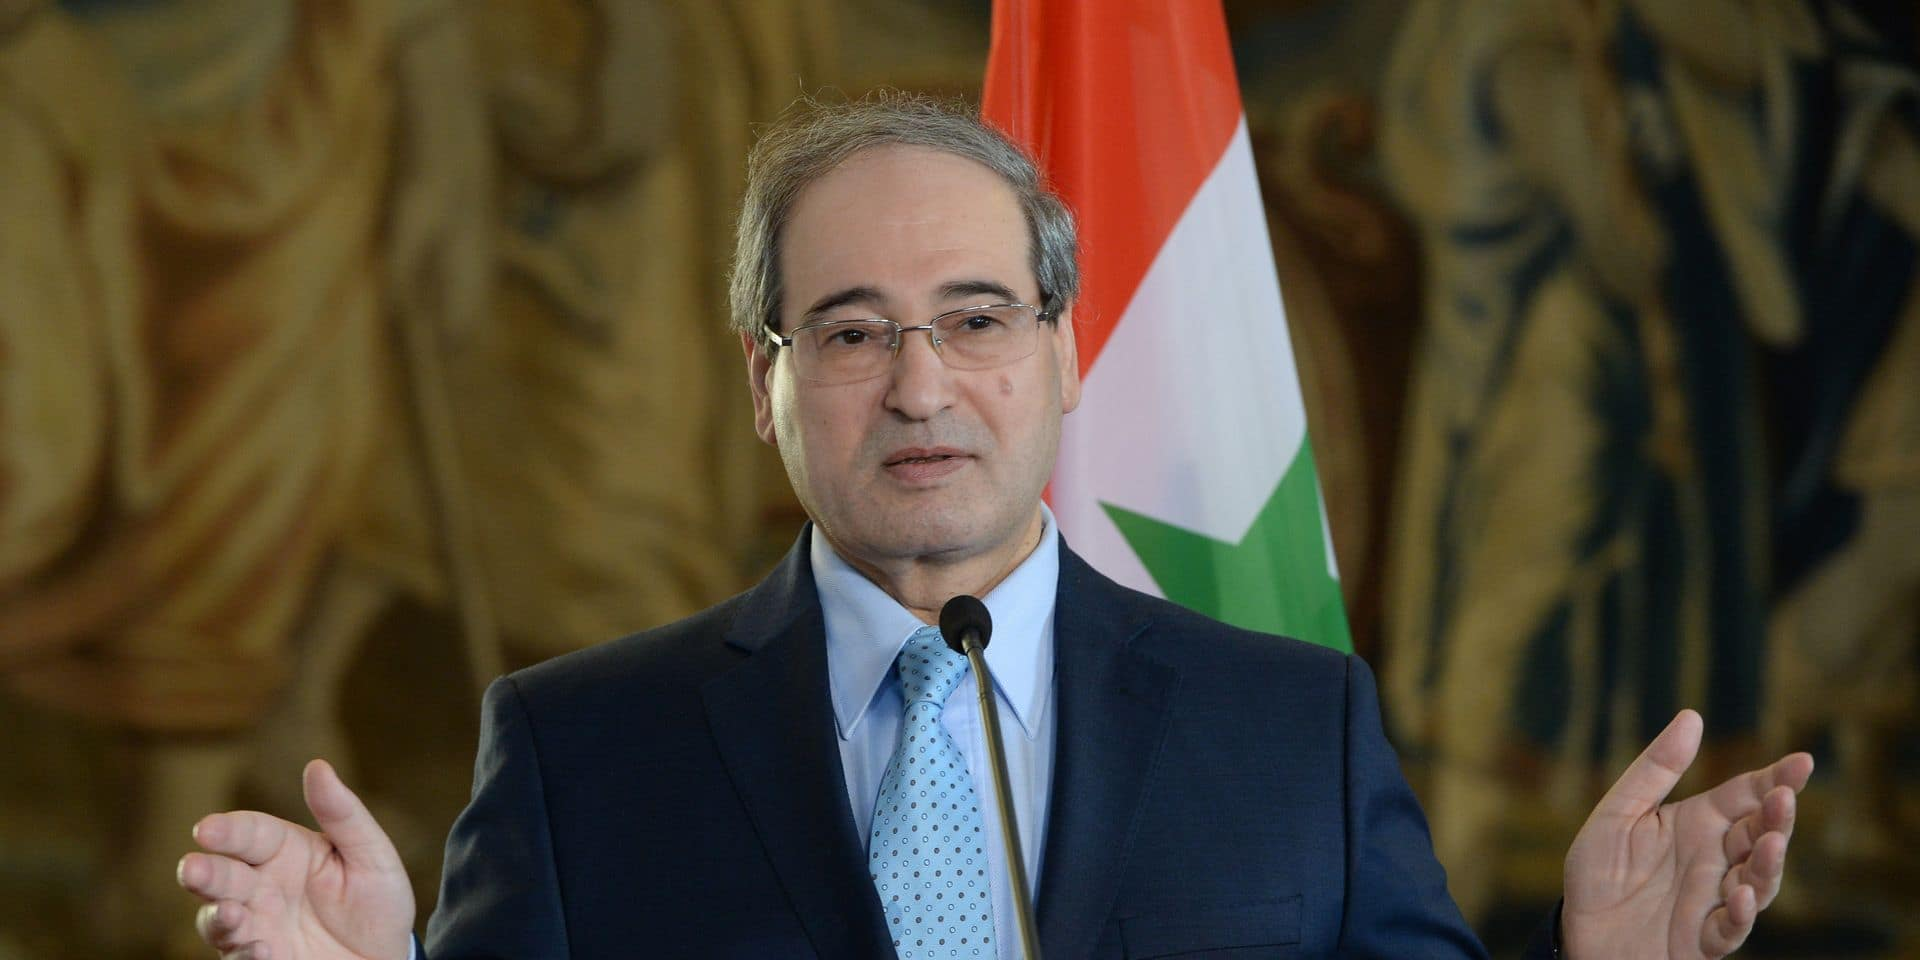 Faiçal al Moqdad, le nouveau chef de la diplomatie syrienne, un habitué des Nations Unies